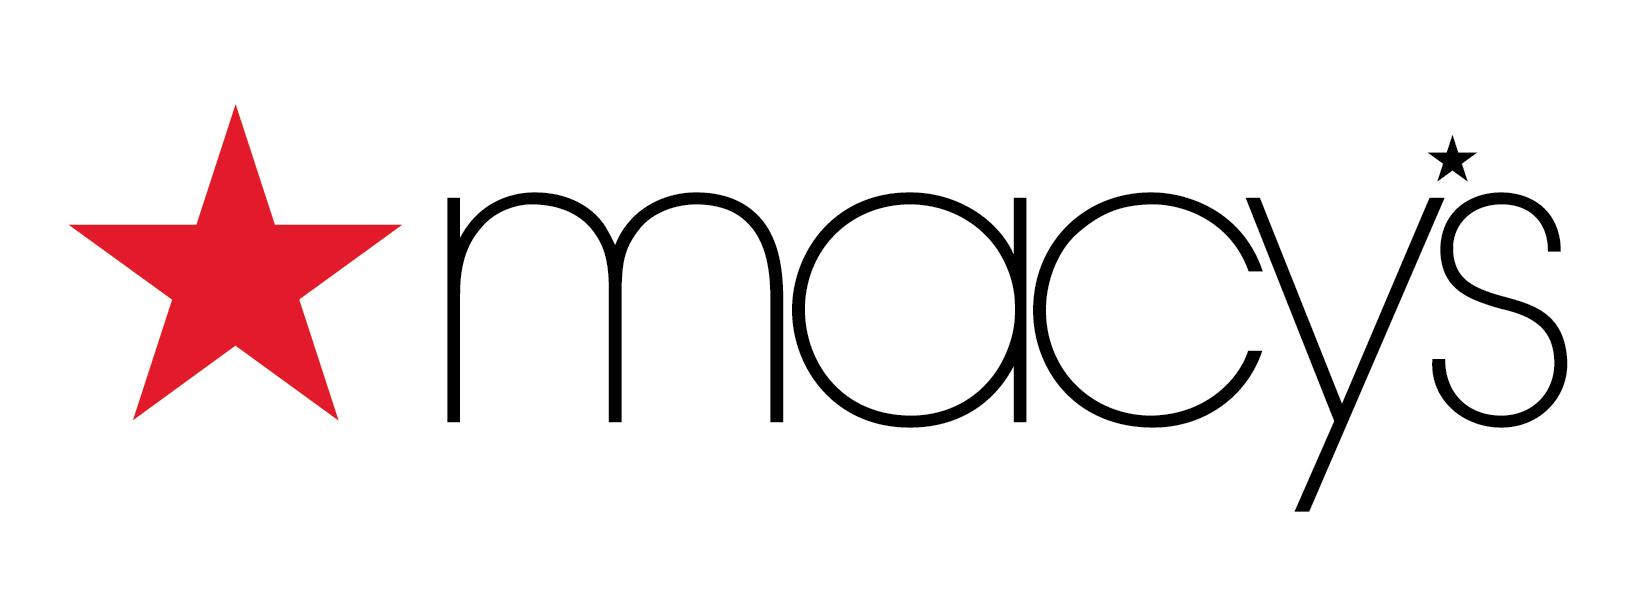 macys_on_white_se_20707.jpg